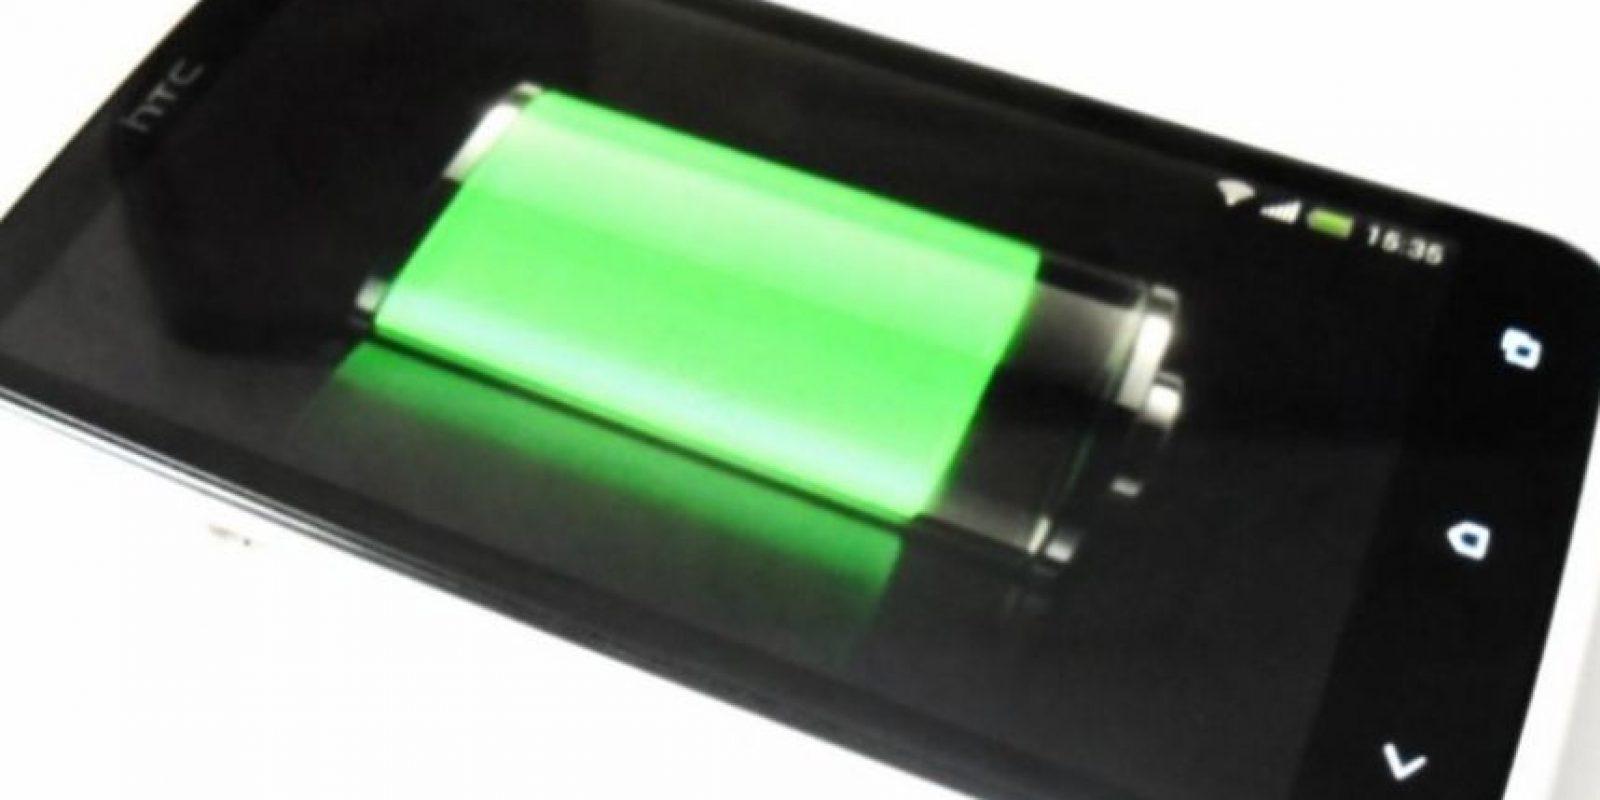 Existen pequeños trucos que deben seguir para conservar la vida de la batería del smartphone. Foto:vía Pinterest